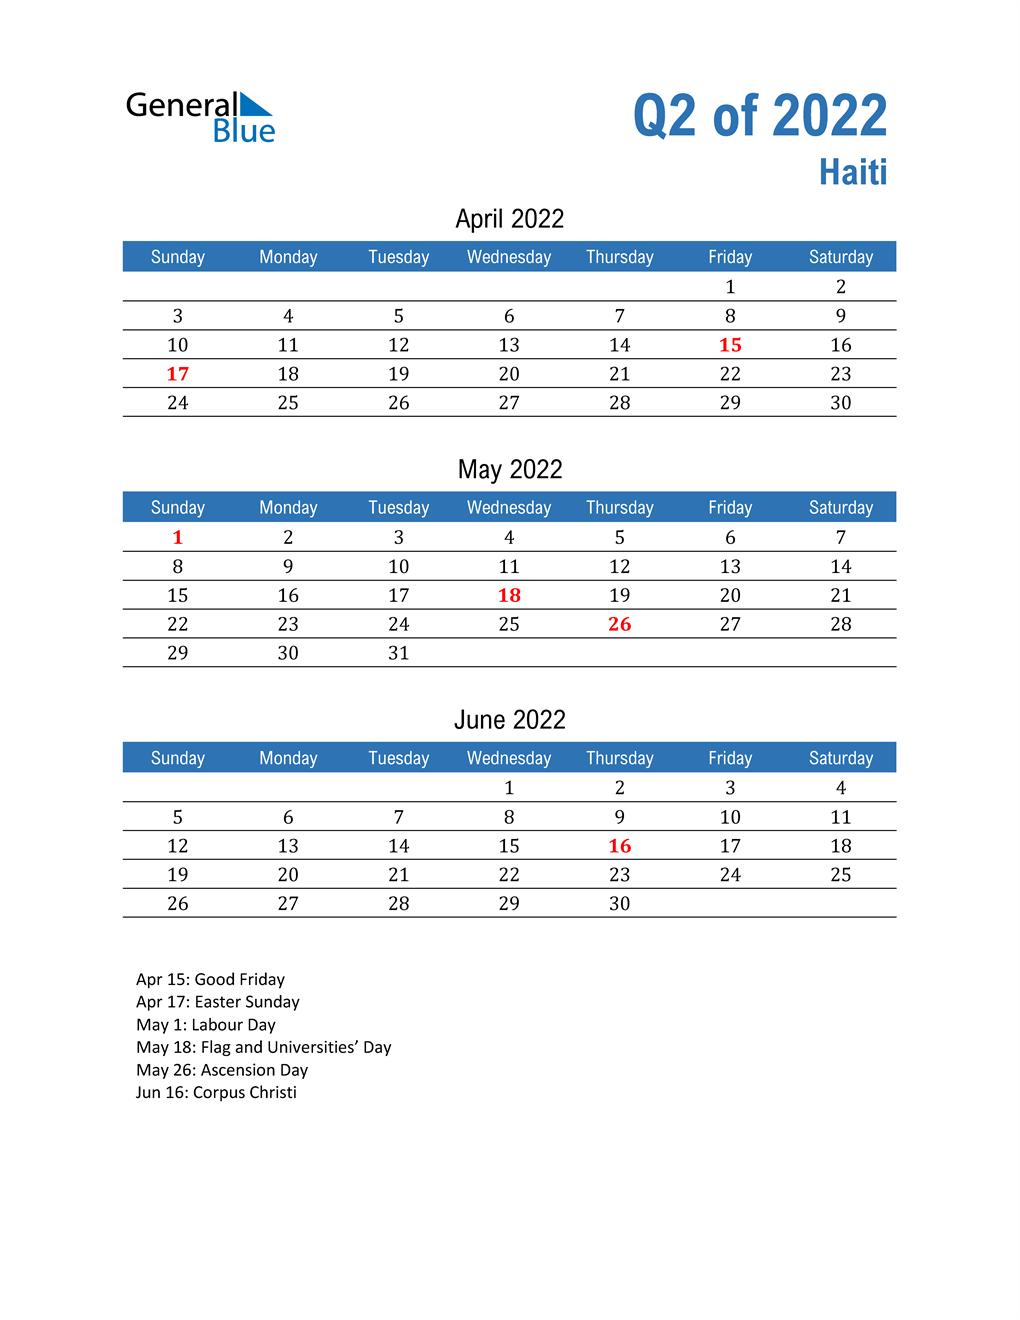 Haiti 2022 Quarterly Calendar